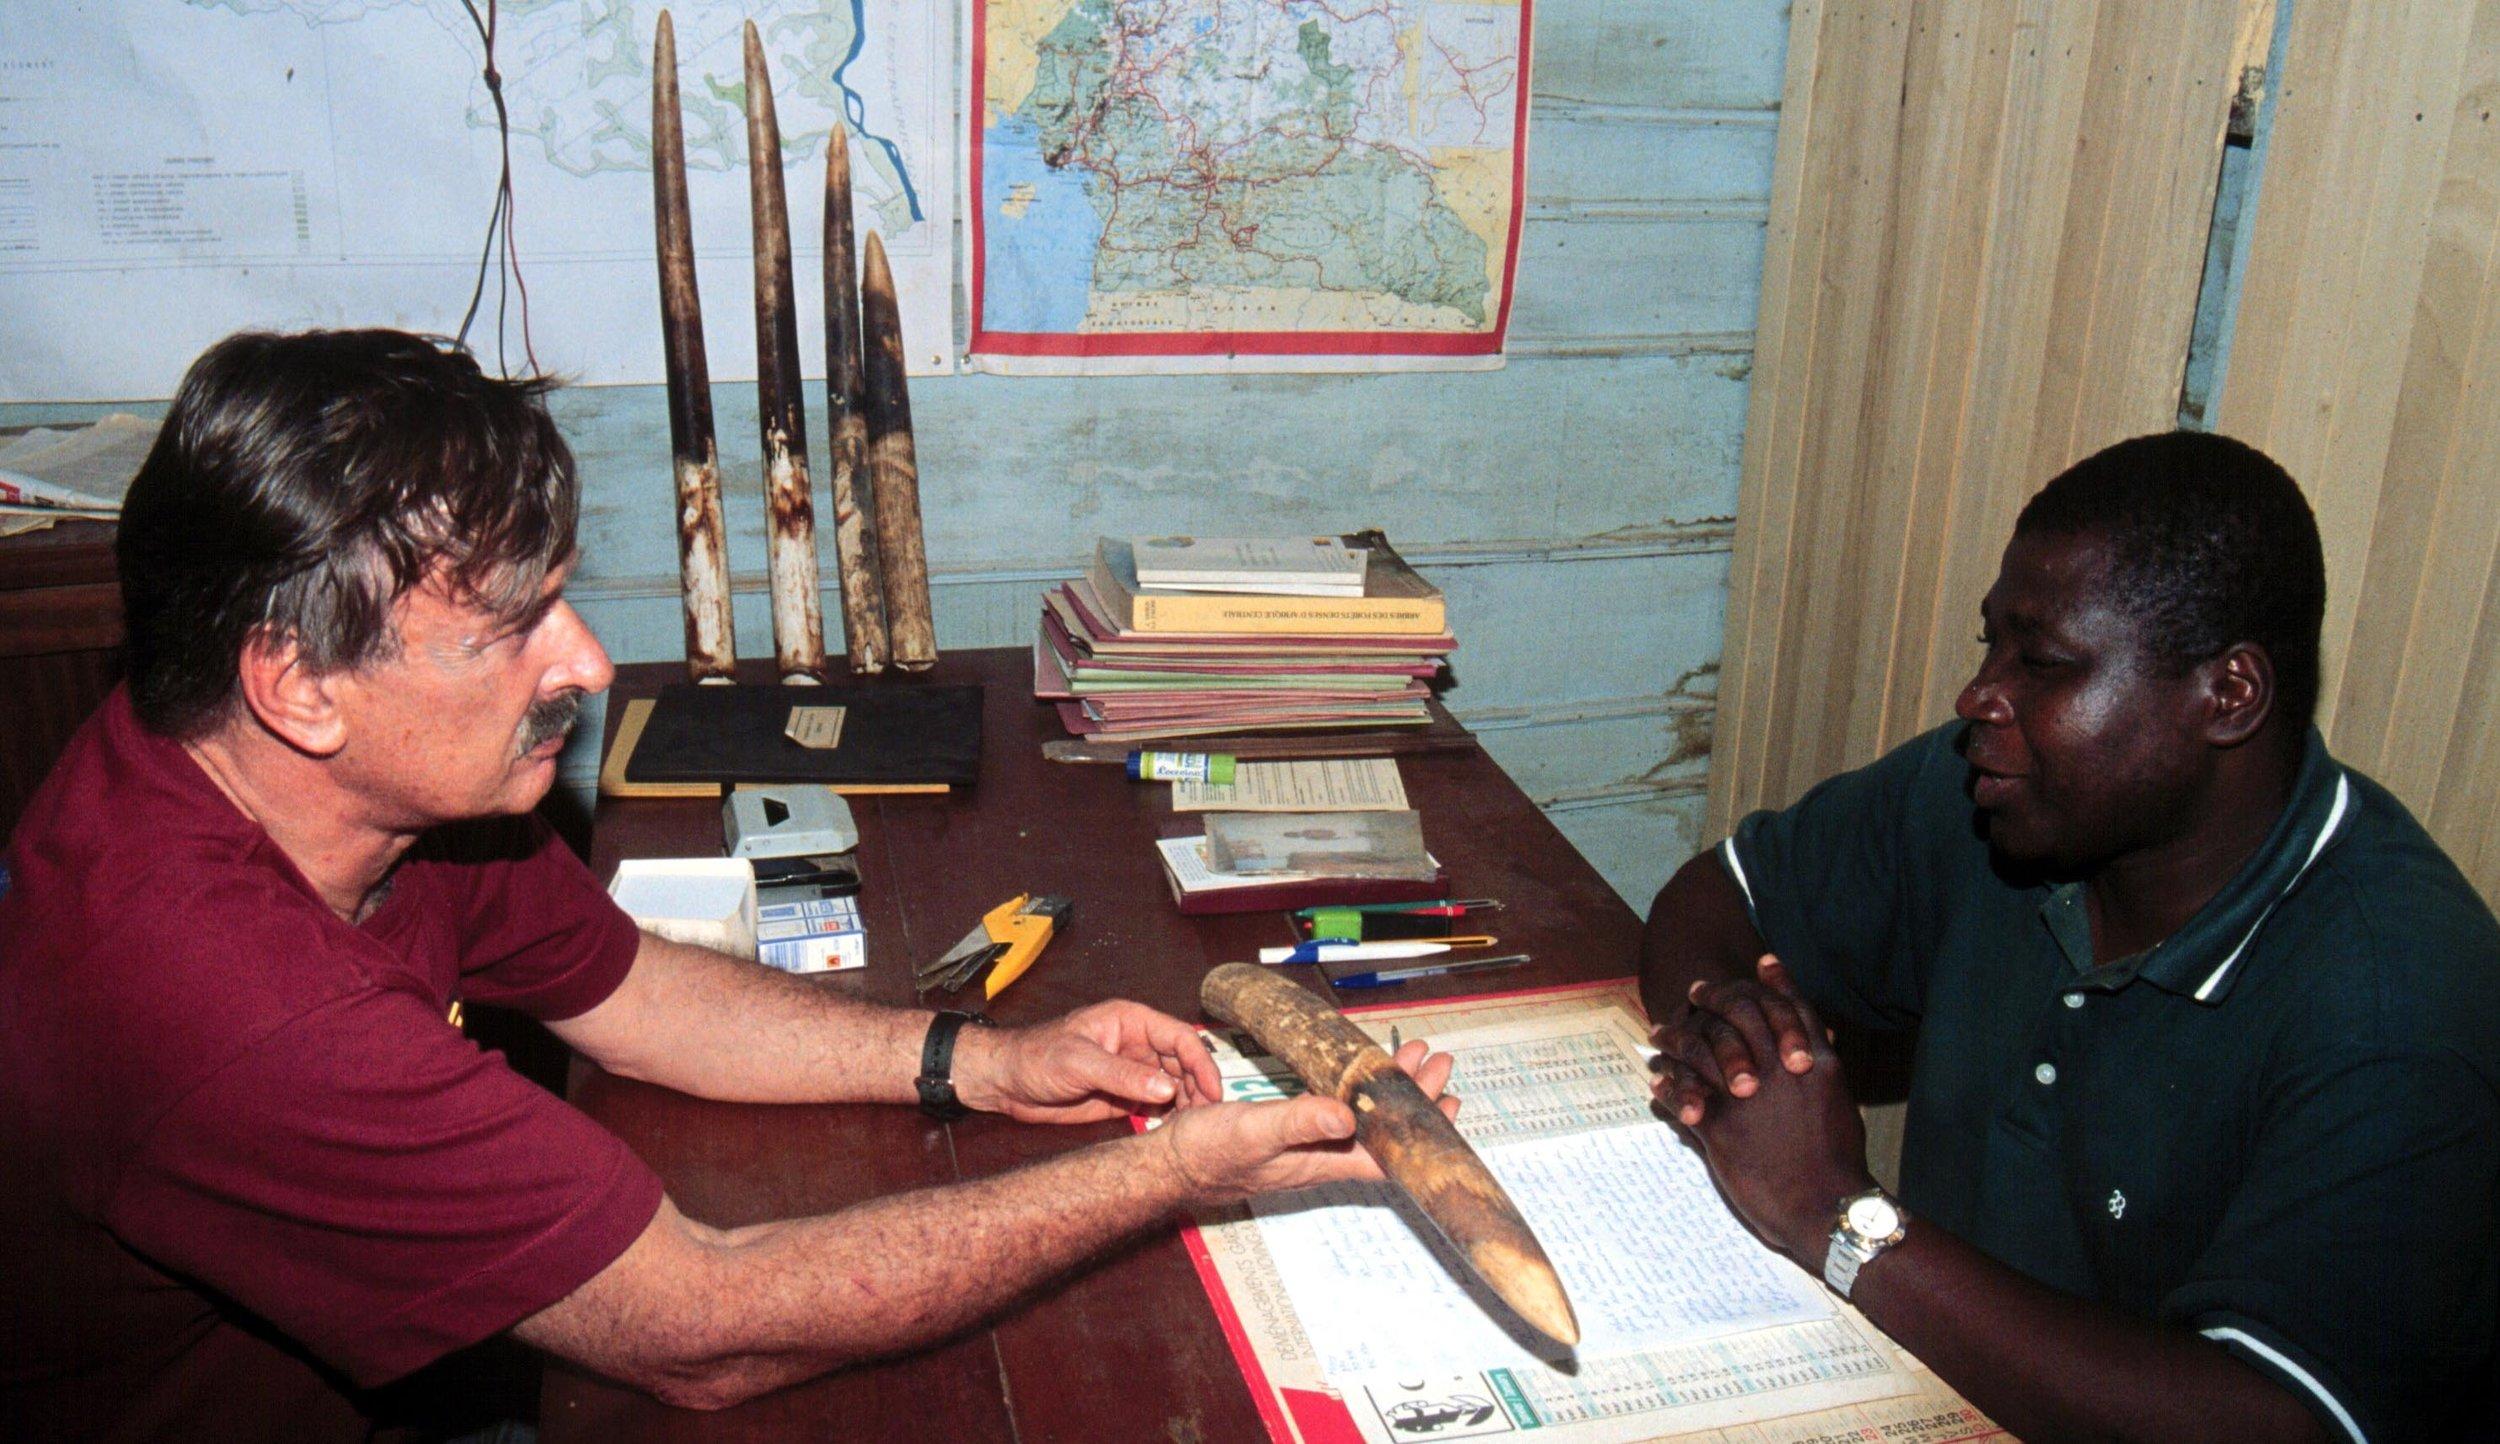 Nachforschungen: Karl Ammann mit Polizeioffizier, Ostkamerun |  © Foto by Ruedi Suter